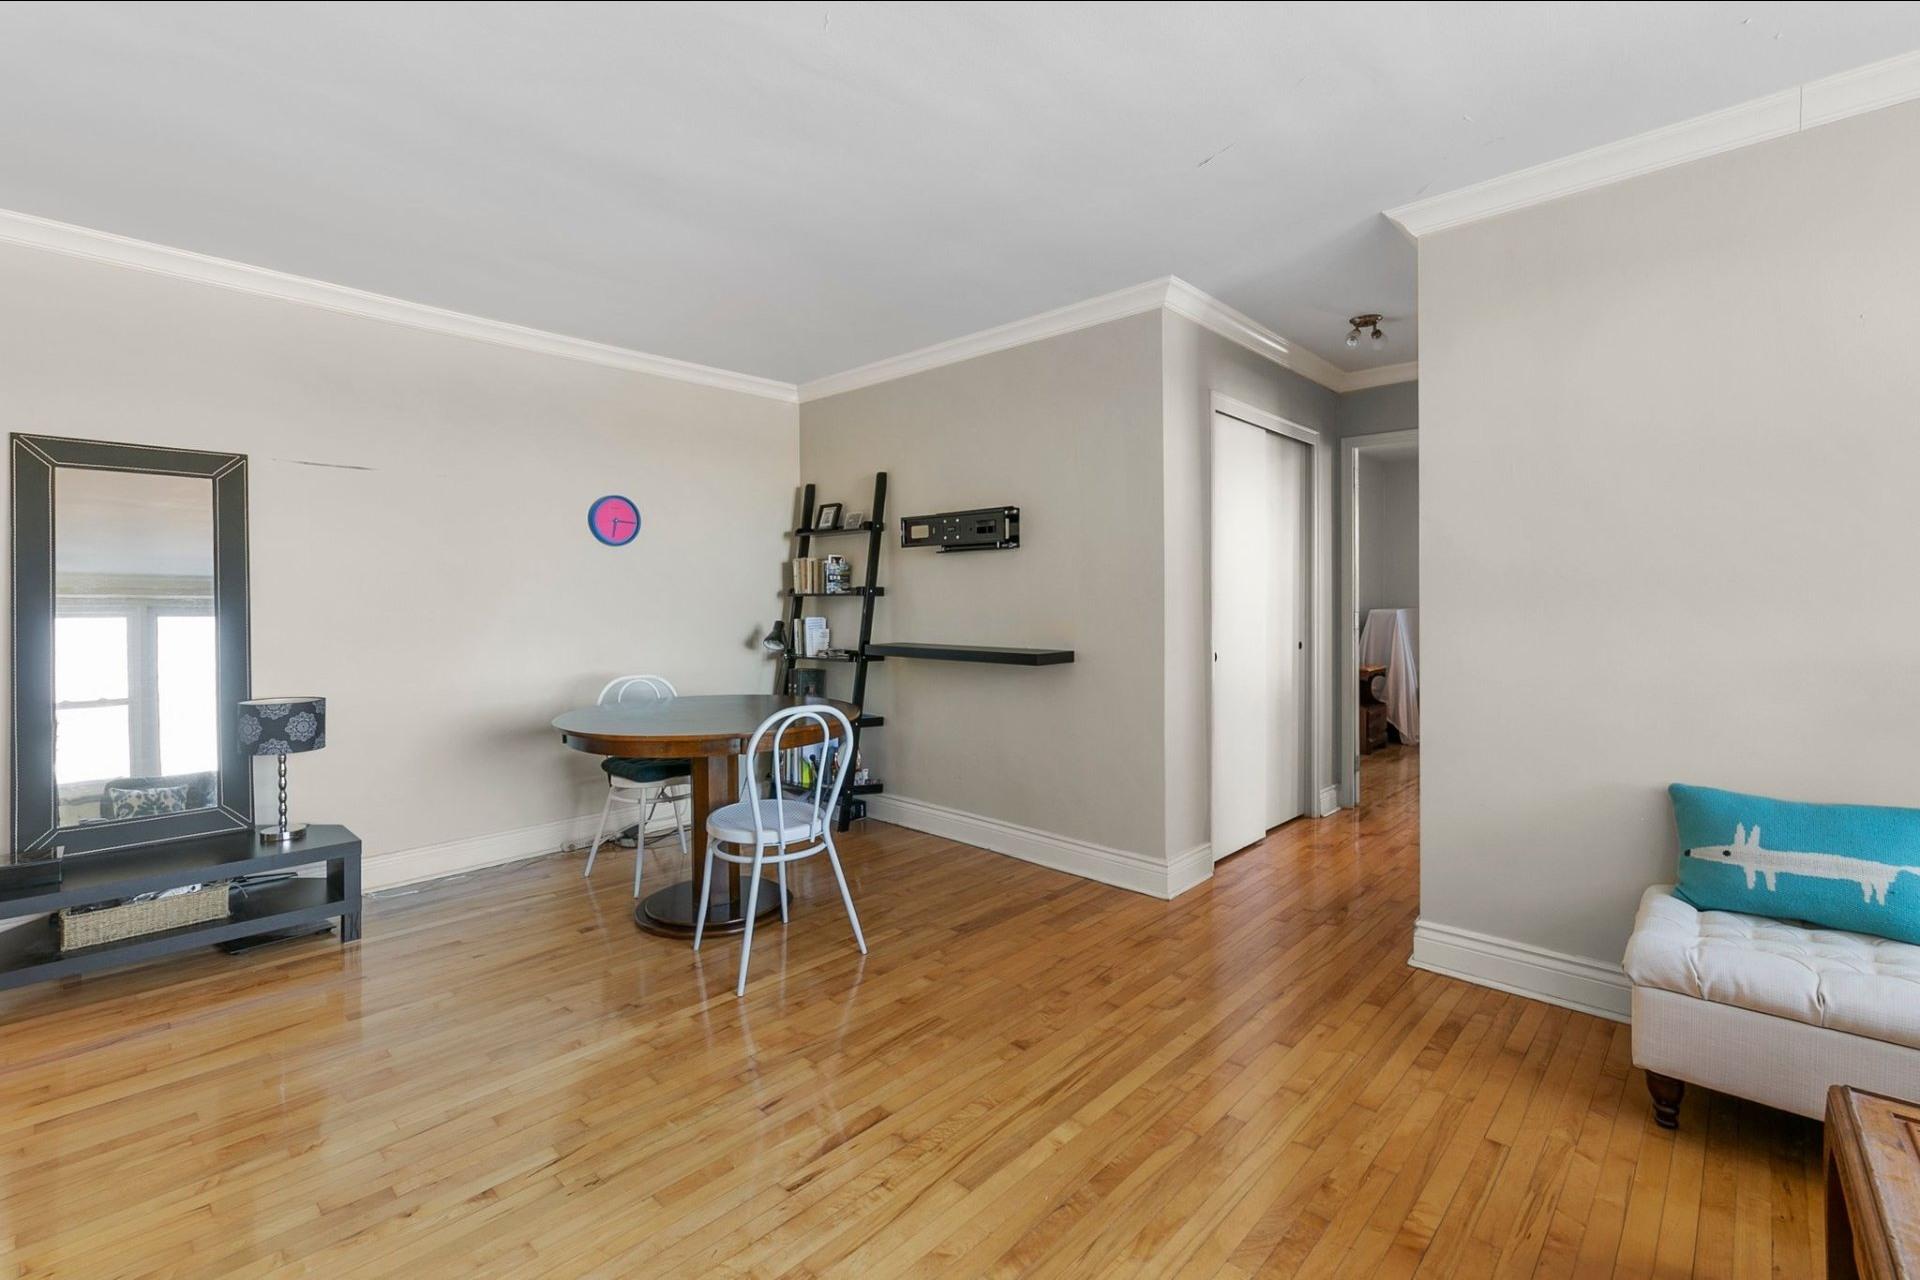 image 8 - Appartement À vendre Côte-des-Neiges/Notre-Dame-de-Grâce Montréal  - 4 pièces